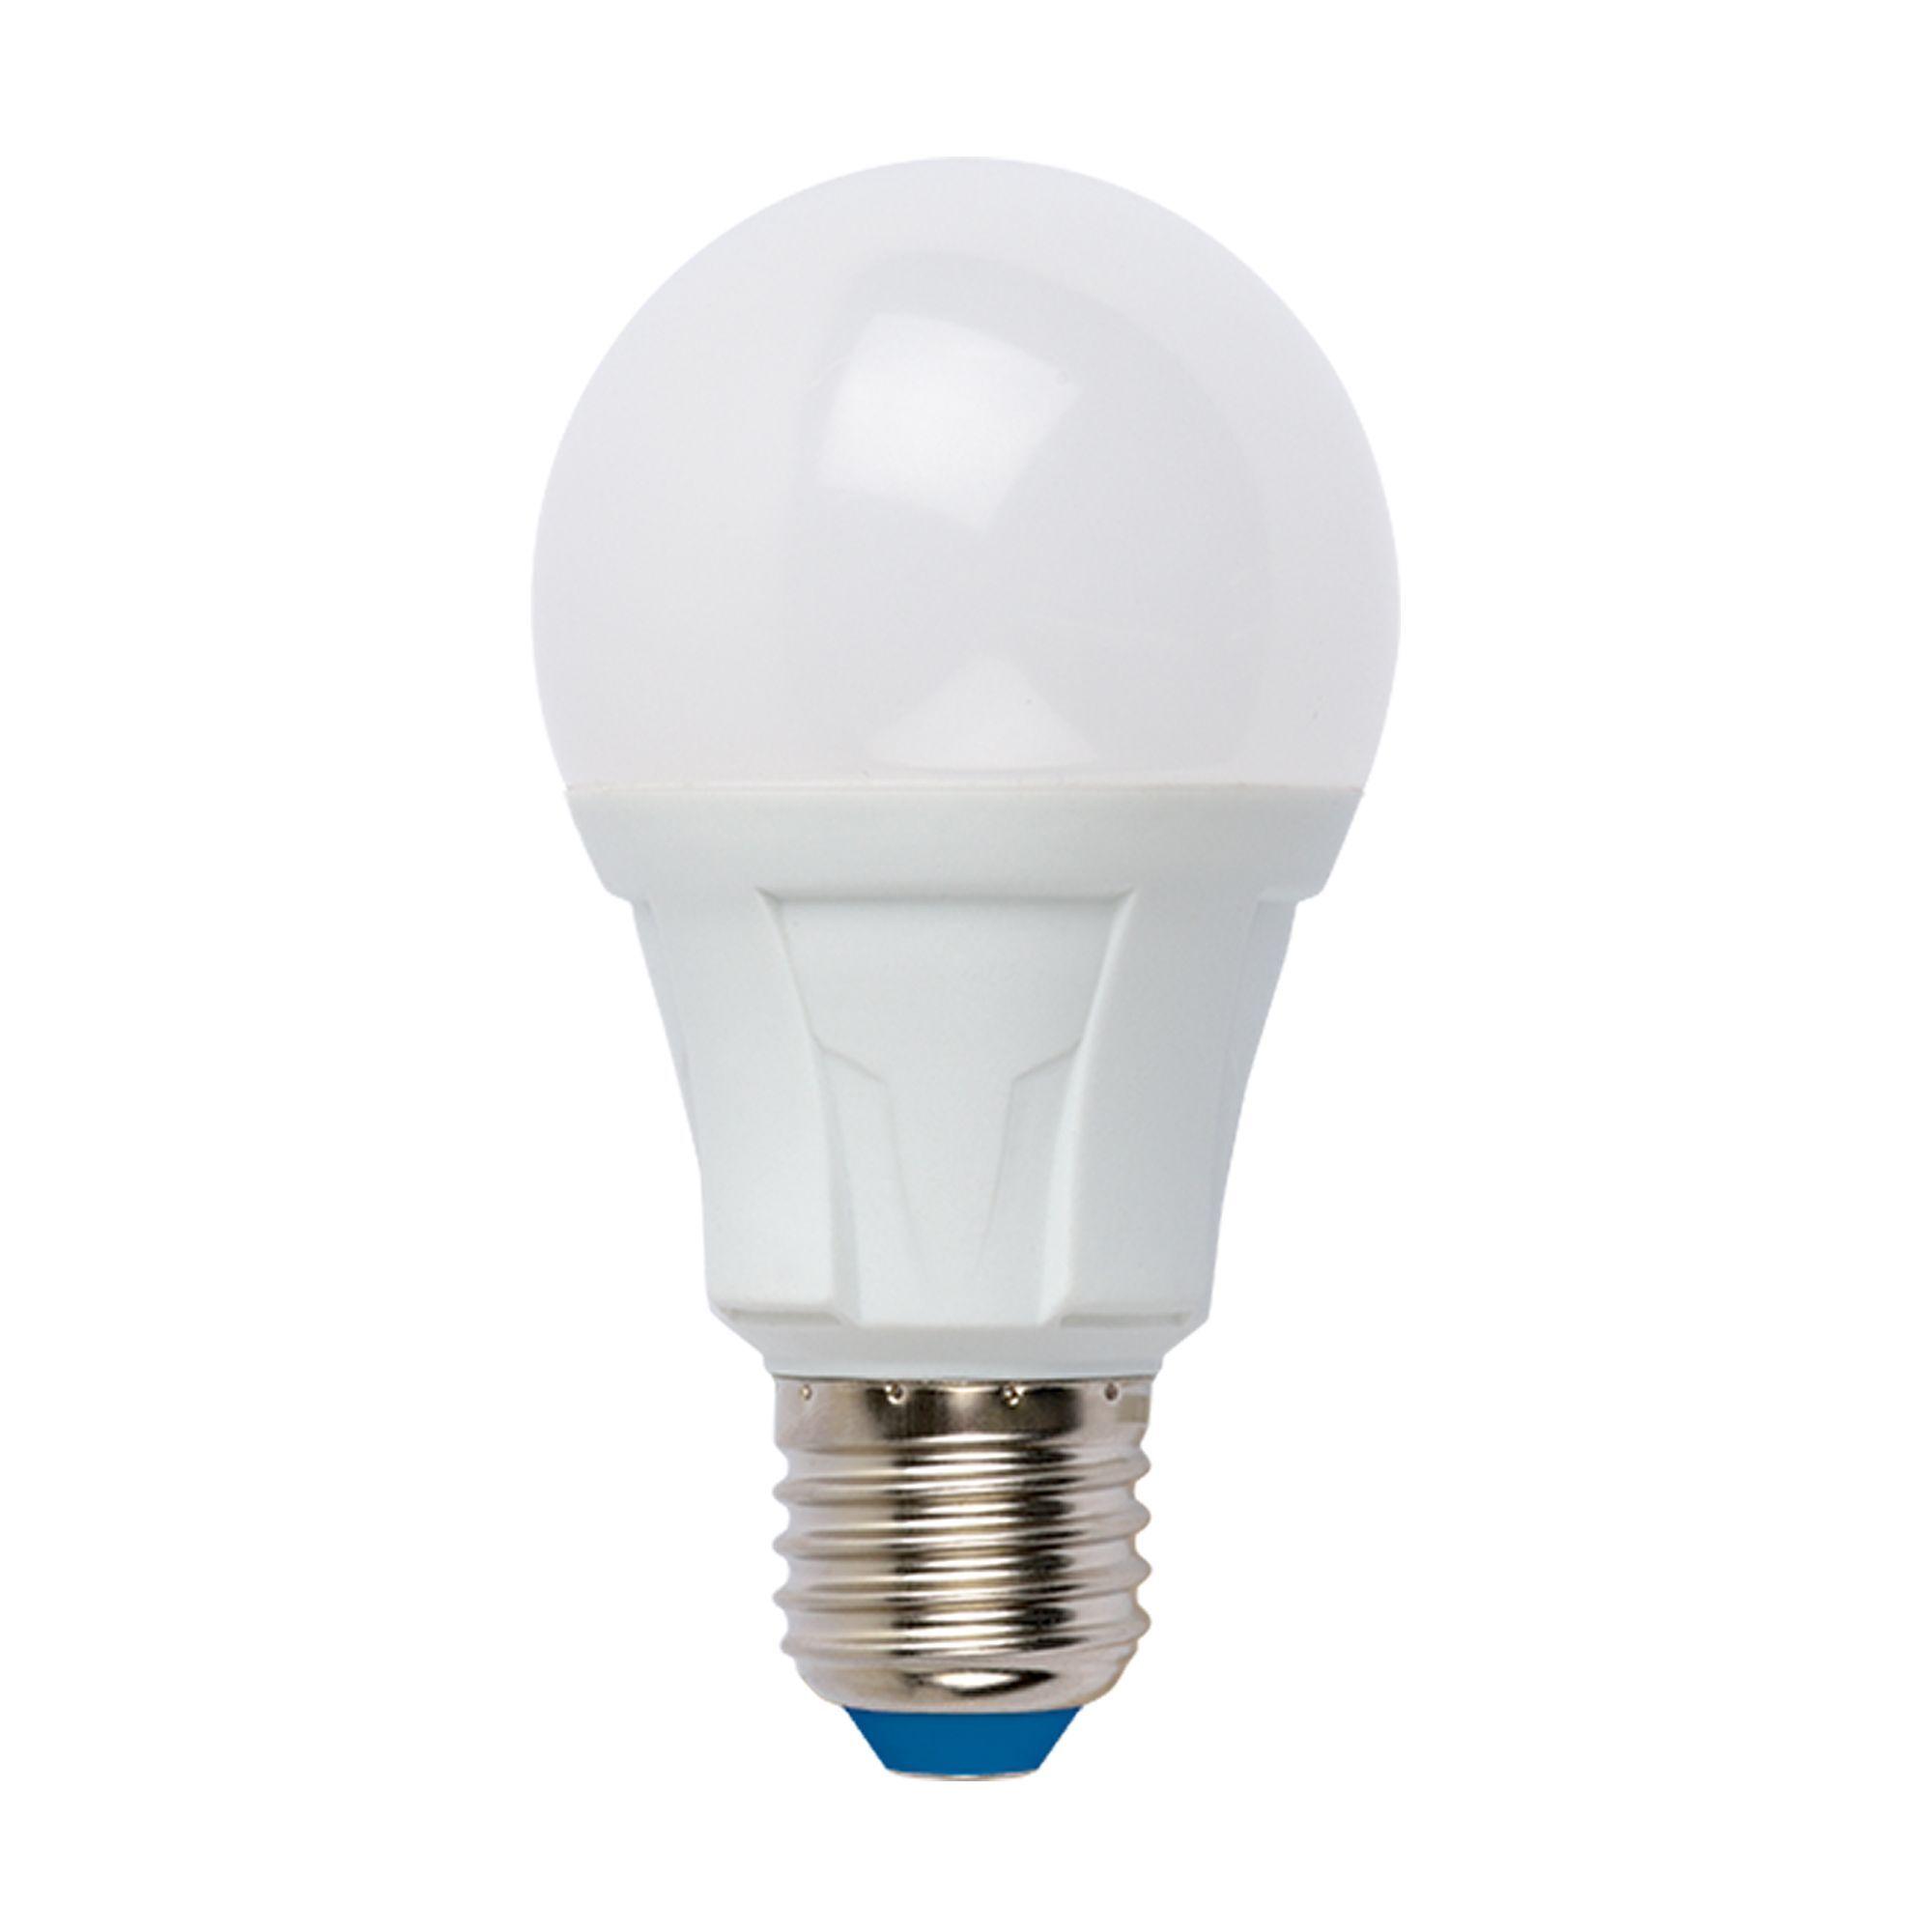 Лампа светодиодная «Яркая» E27 220 В 8 Вт груша матовая 700 лм холодный белый свет